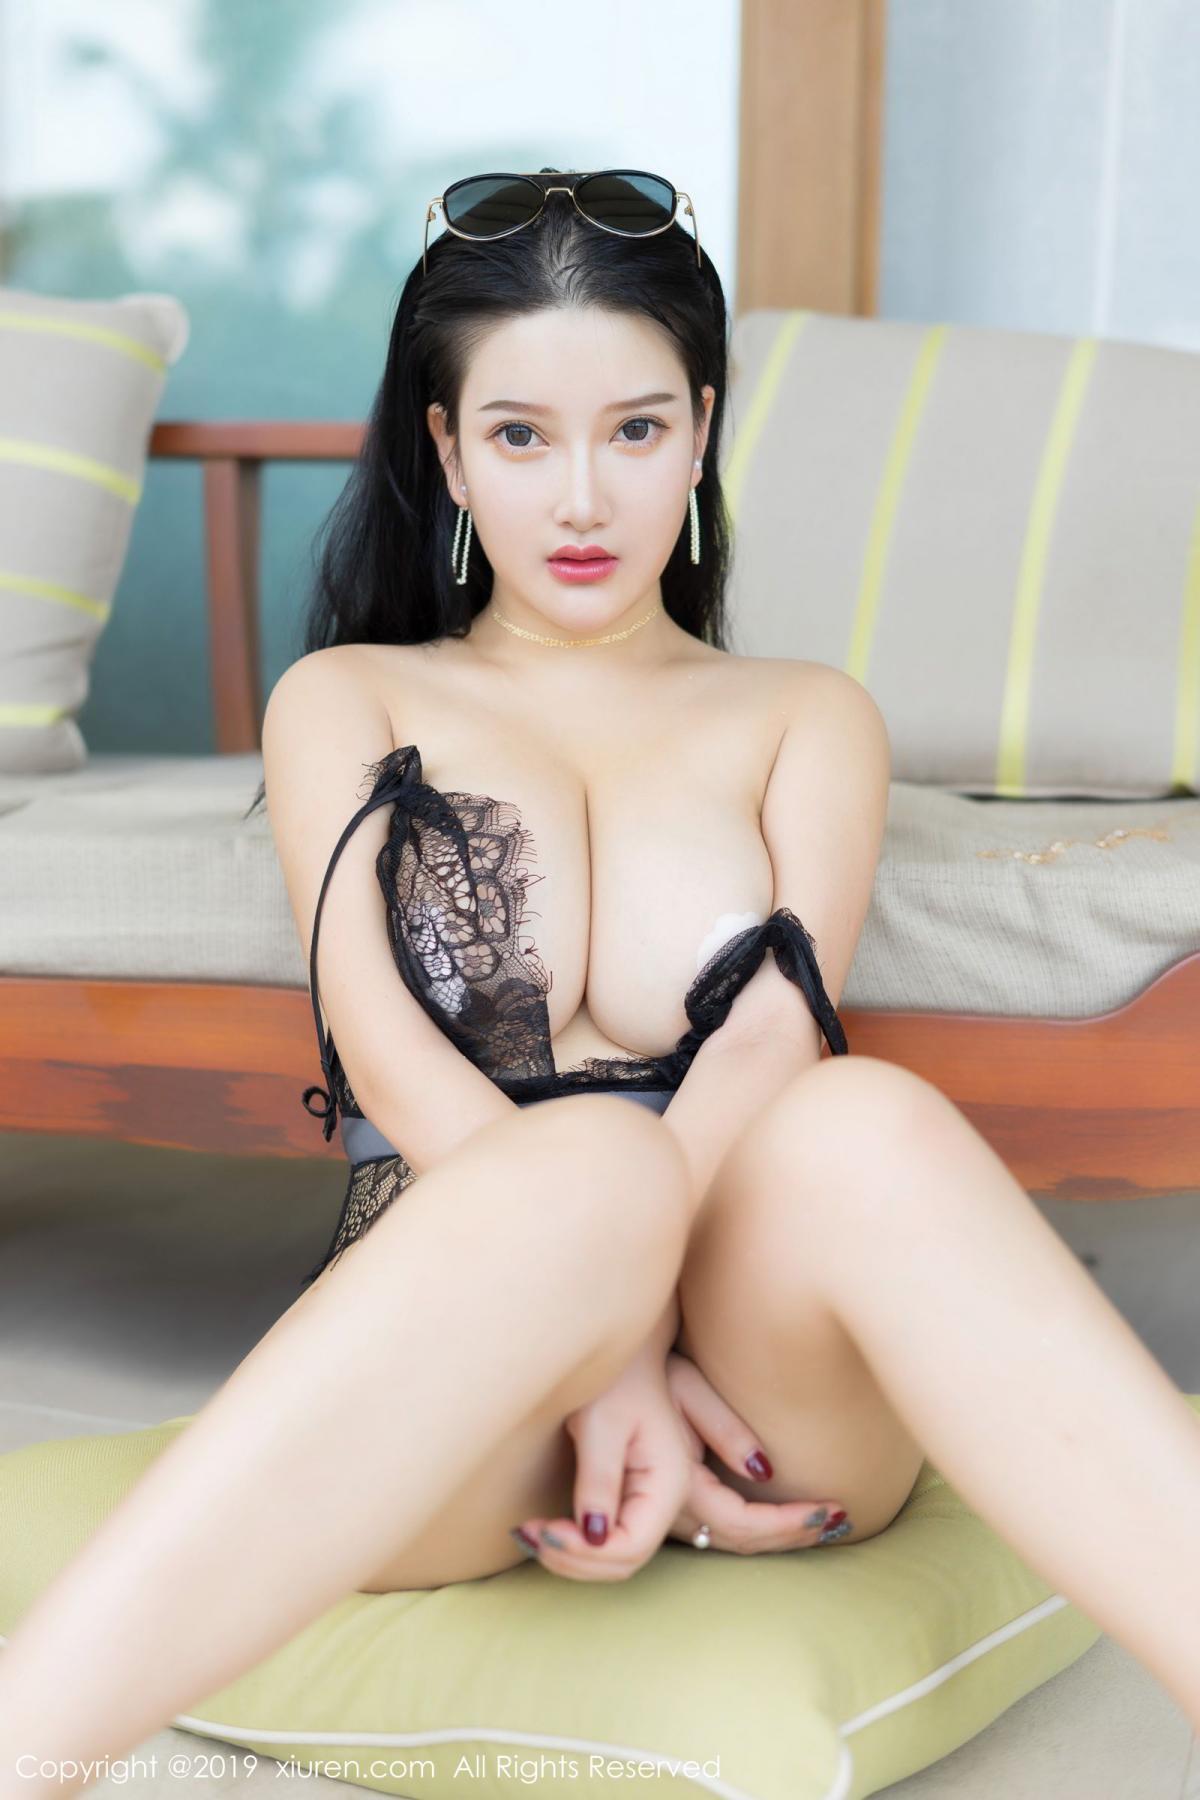 [XiuRen] Vol.1726 Lu Lu Xiao Miao 49P, Lu Lu Xiao Miao, Outdoor, Swim Pool, Xiuren